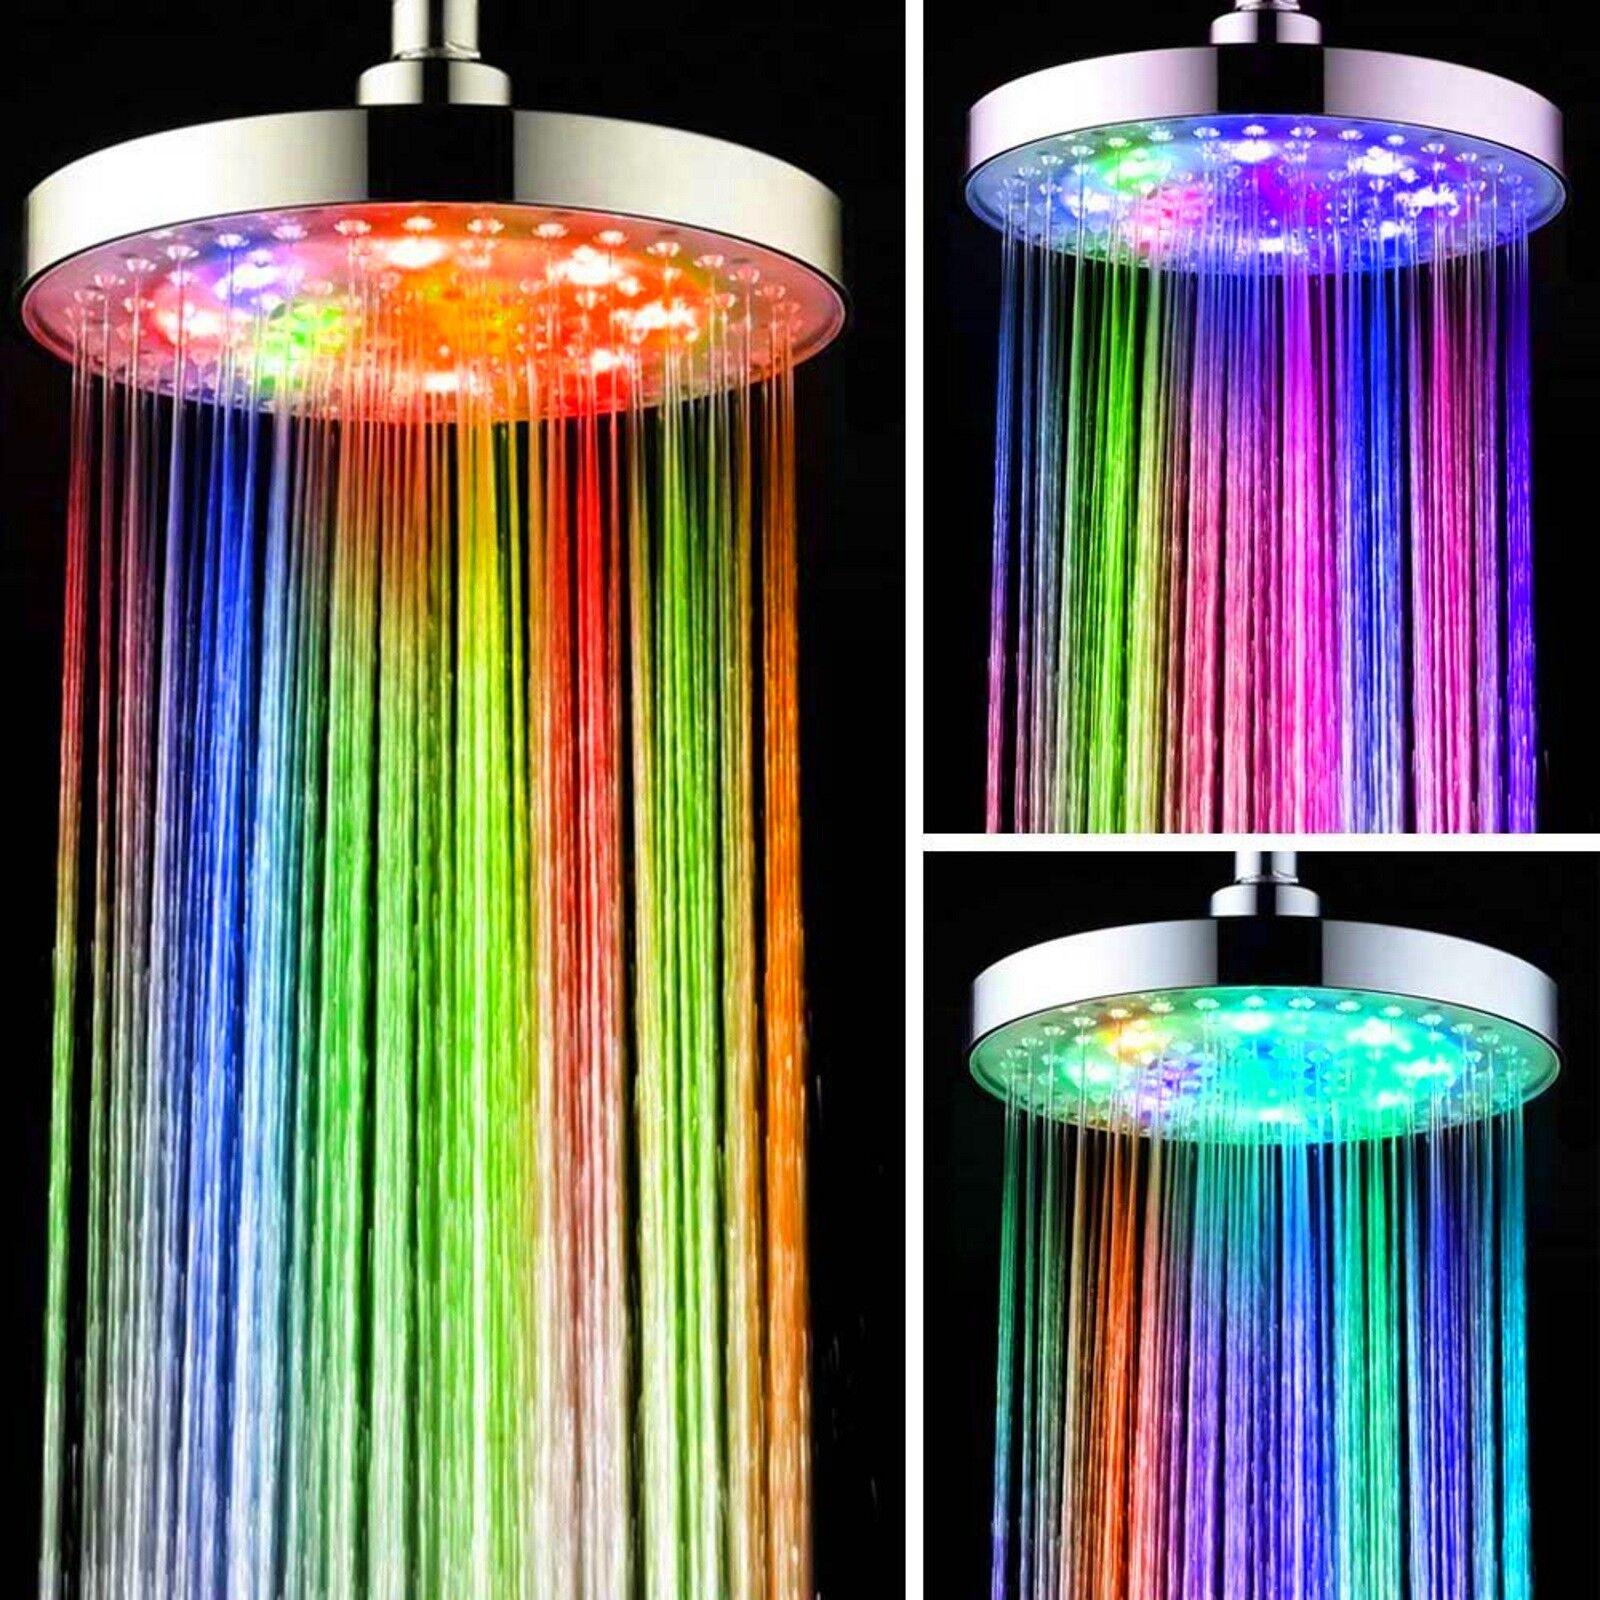 XXL LED Duschkopf 20cm Kopfbrause Rund Regenbrause Duschbrause 7 Farben Wechsel